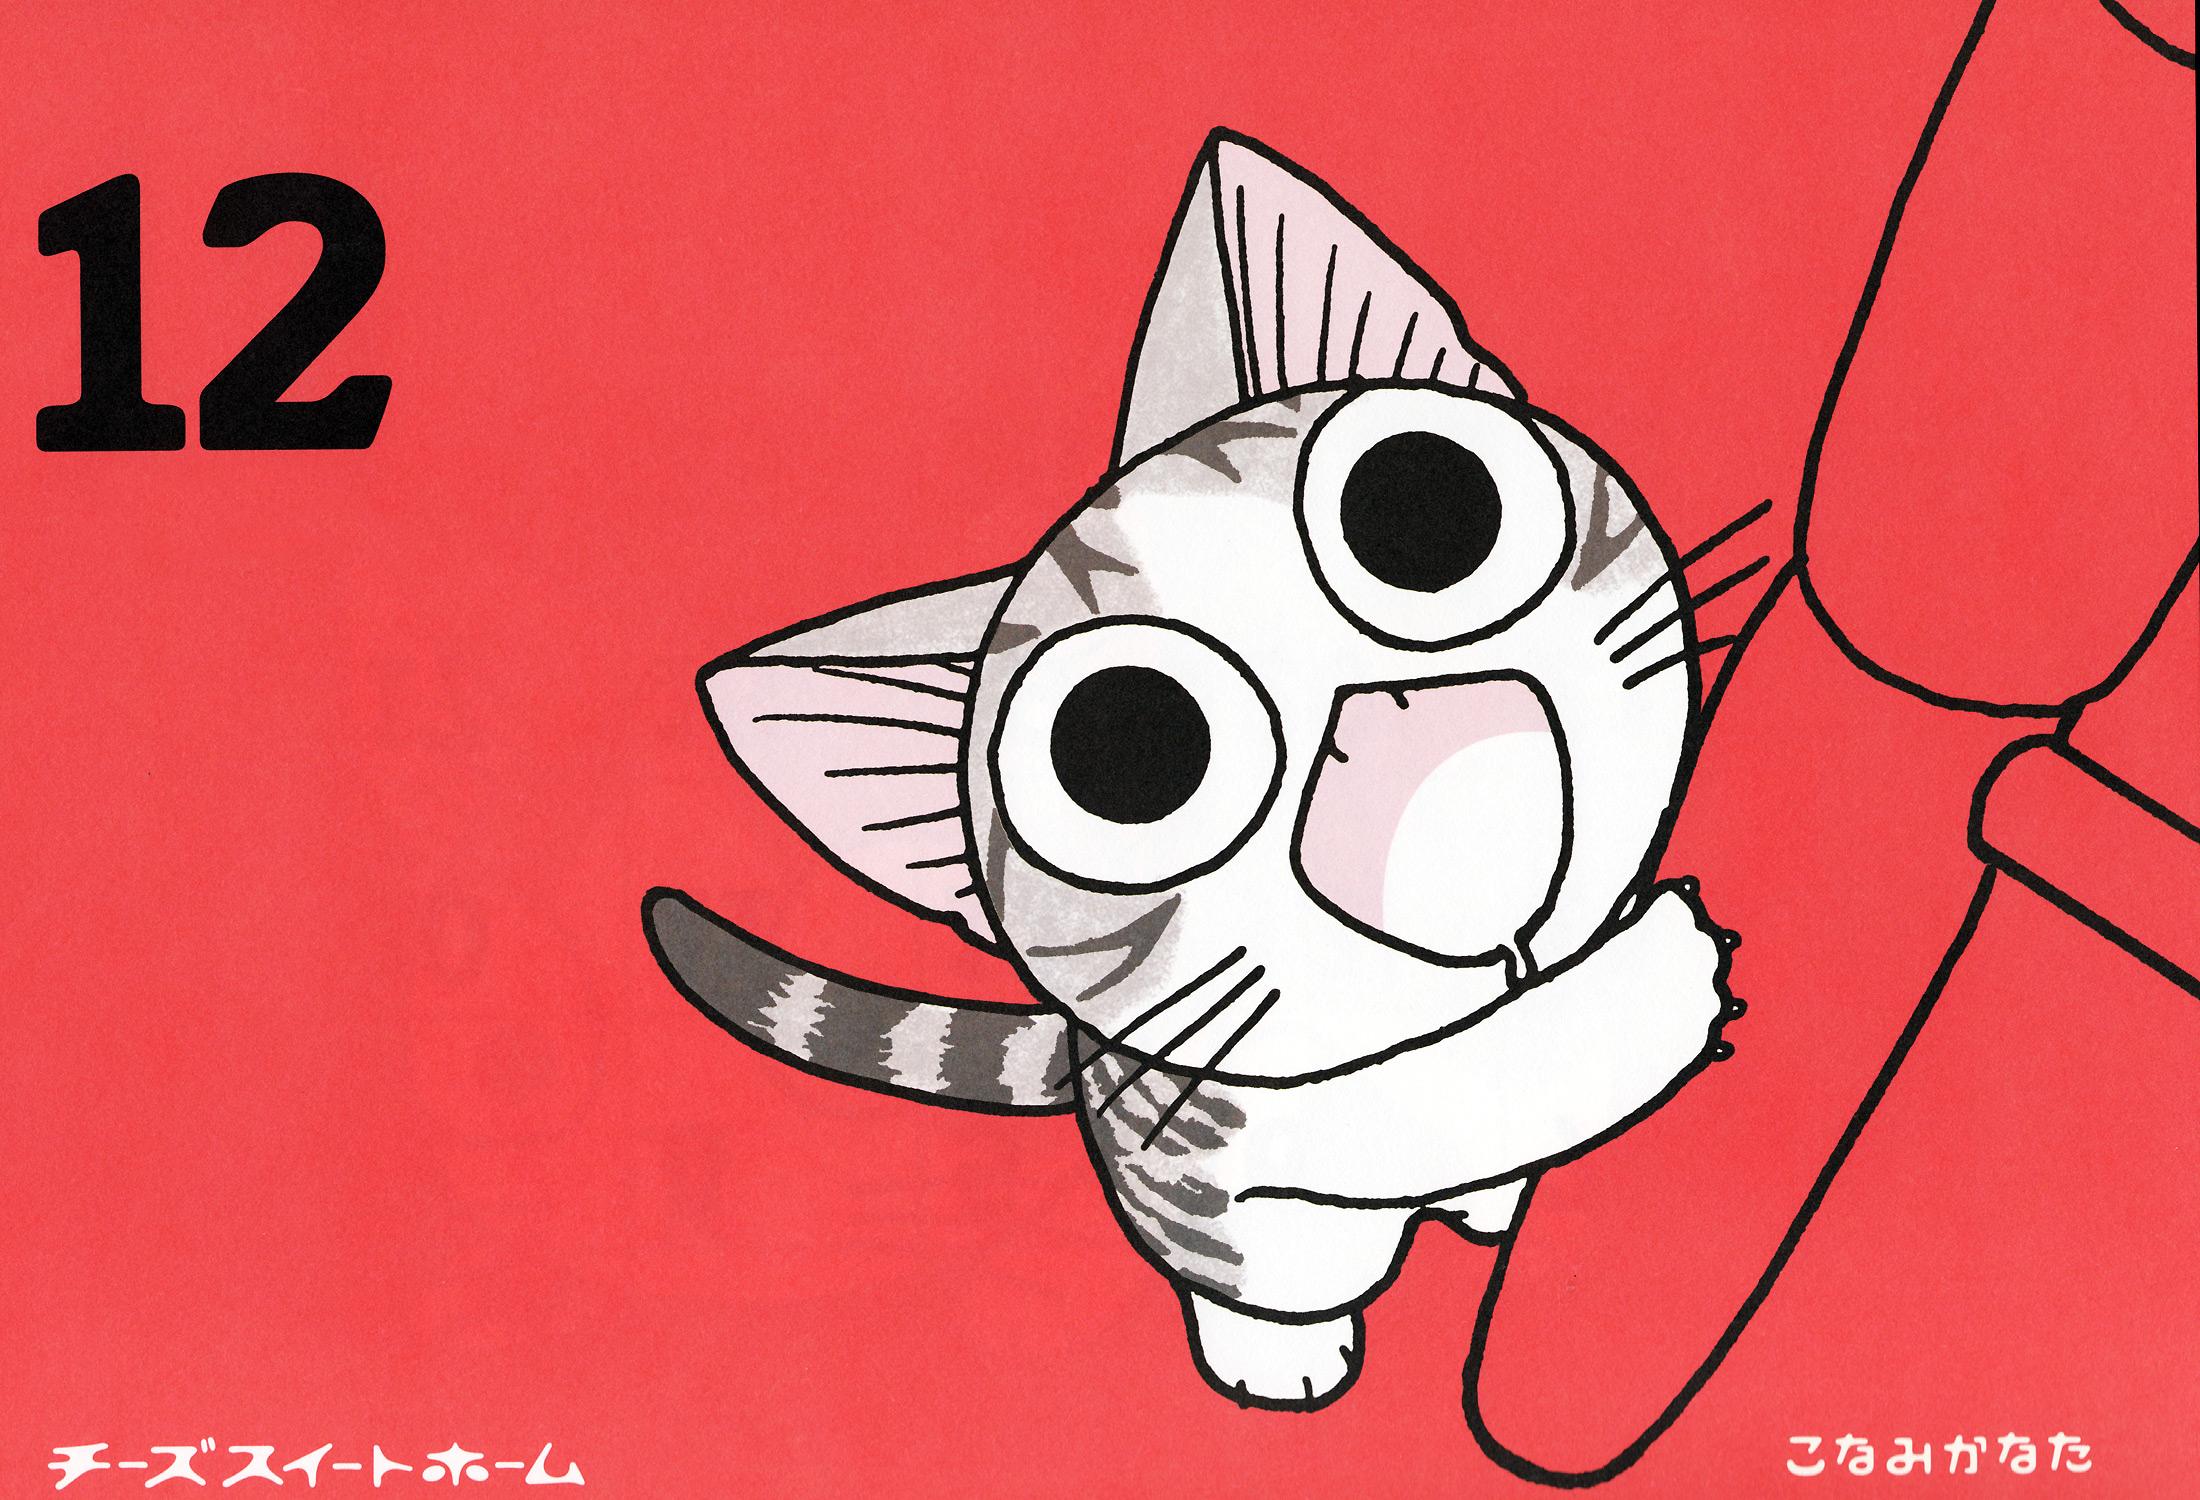 甜甜私房猫12张可爱模样高清壁纸(12/12)